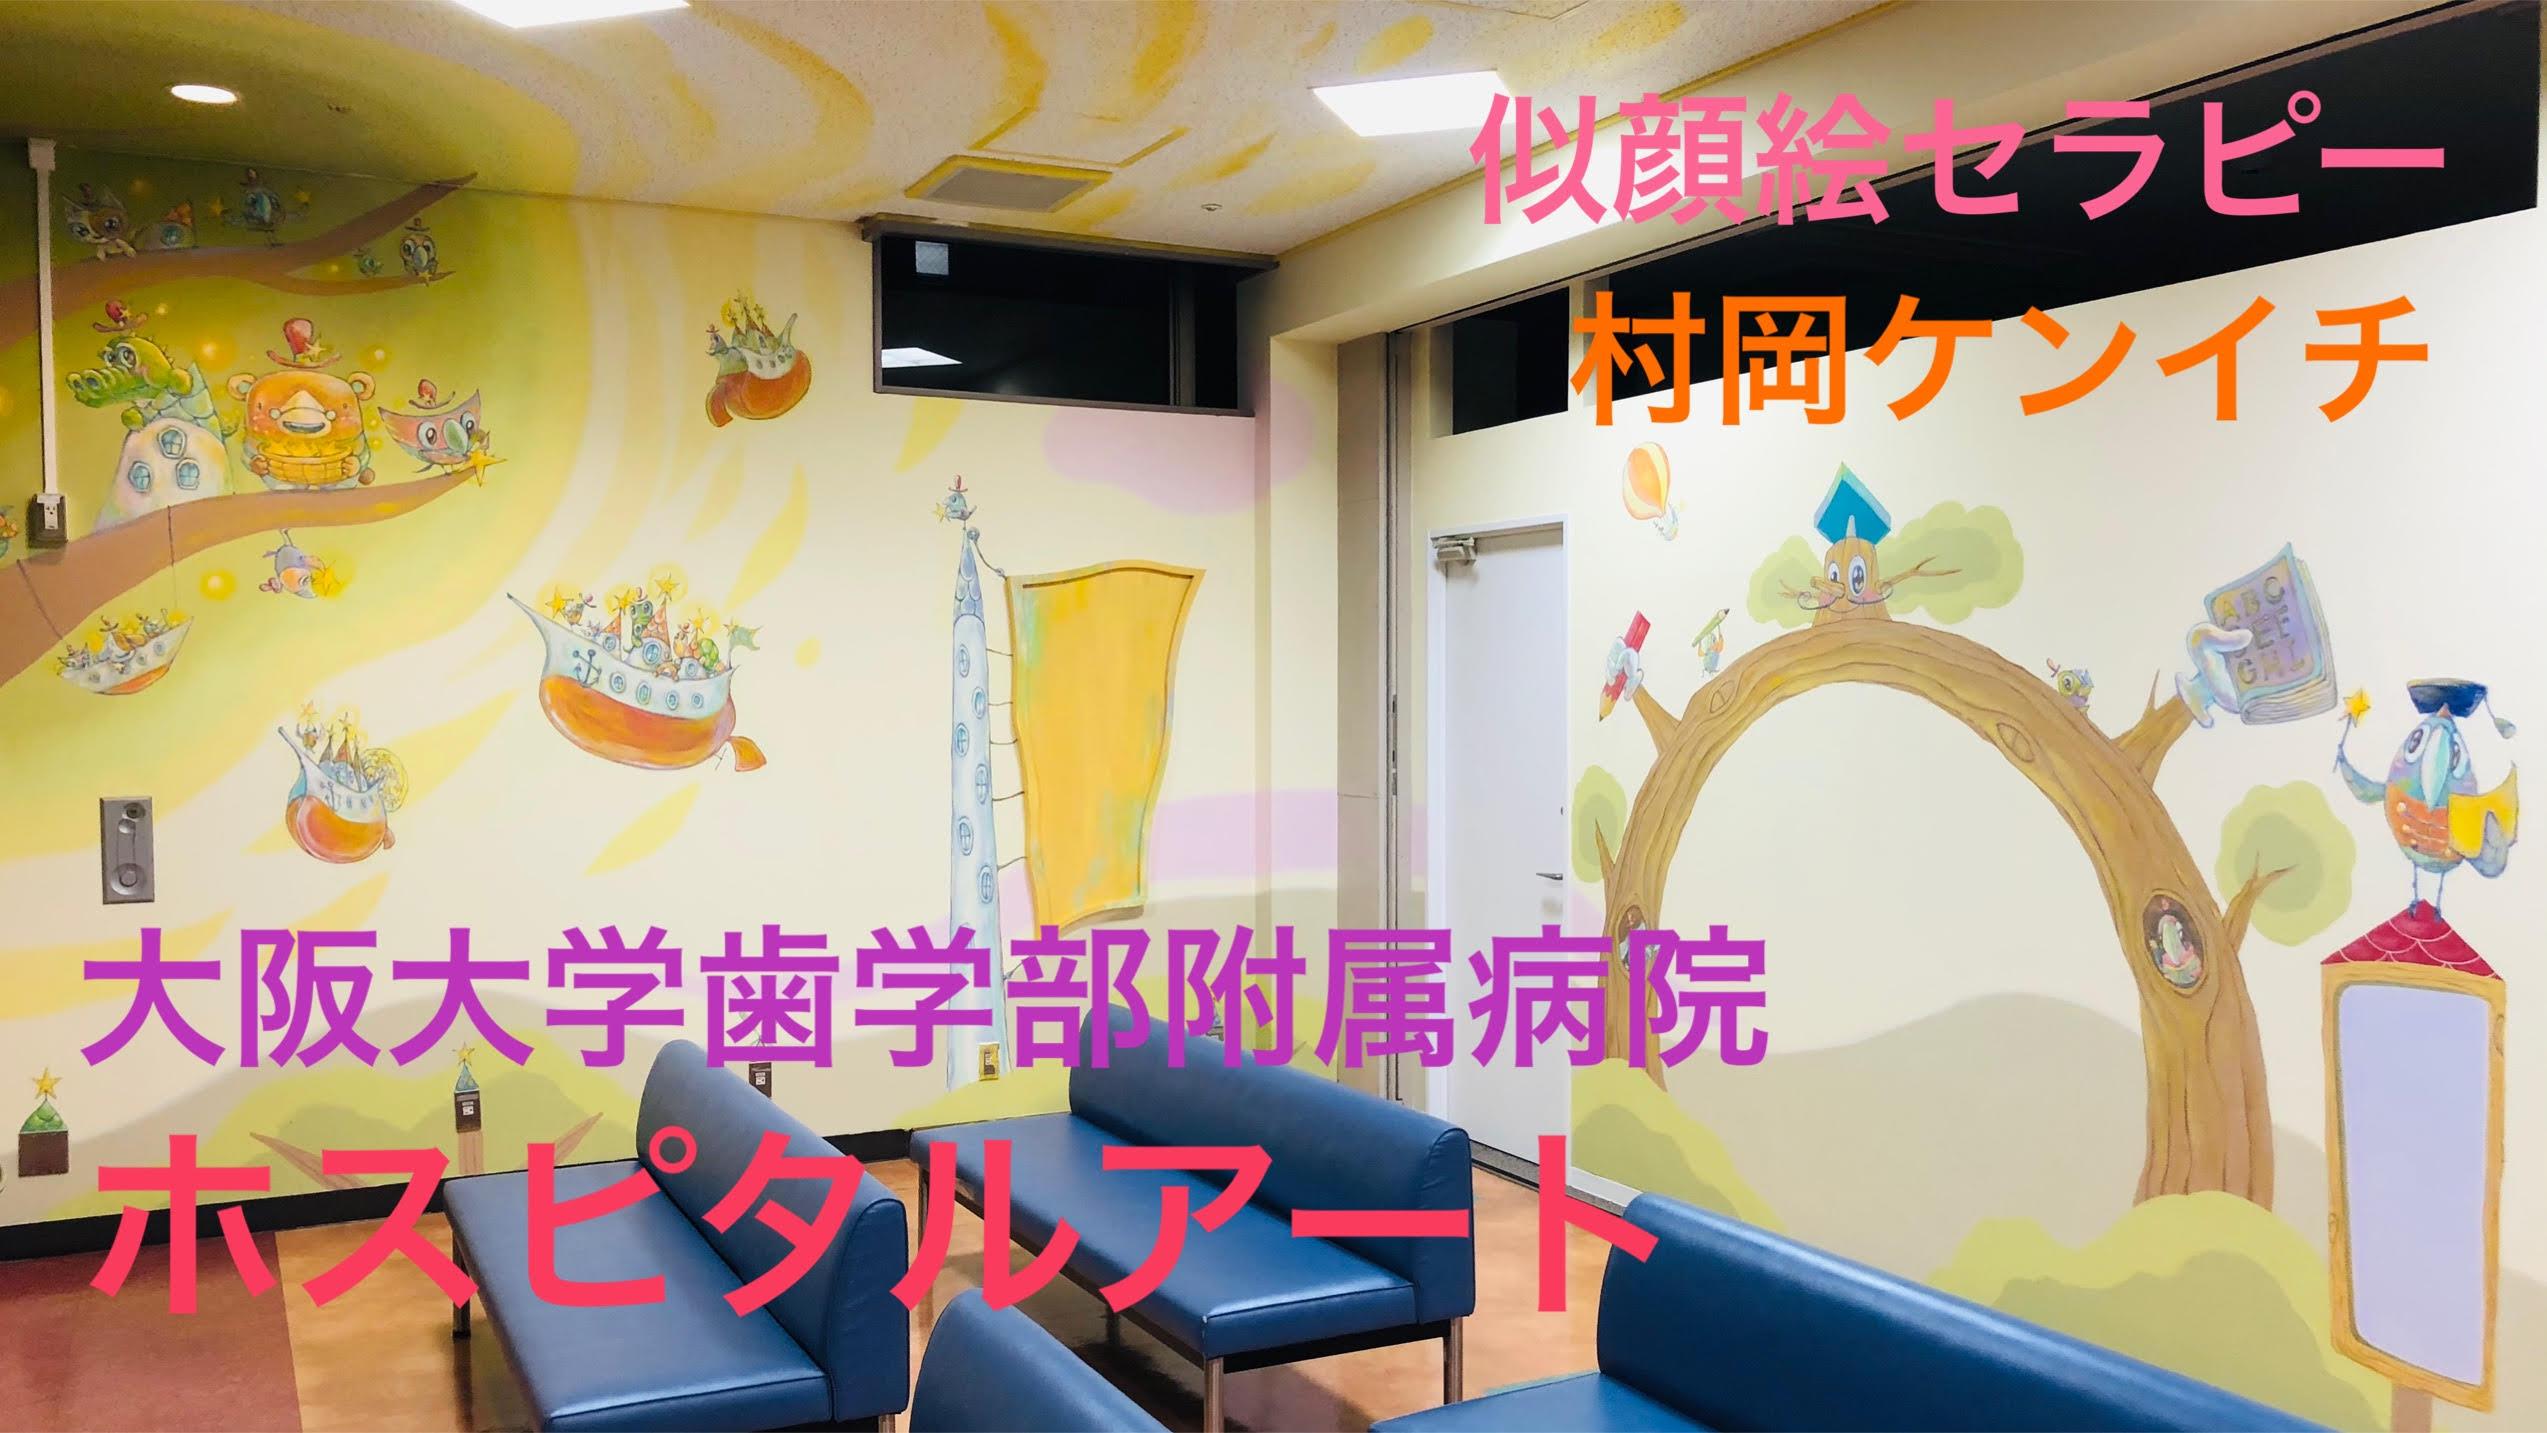 【動画】ホスピタルアート制作現場から~大阪大学歯学部附属病院